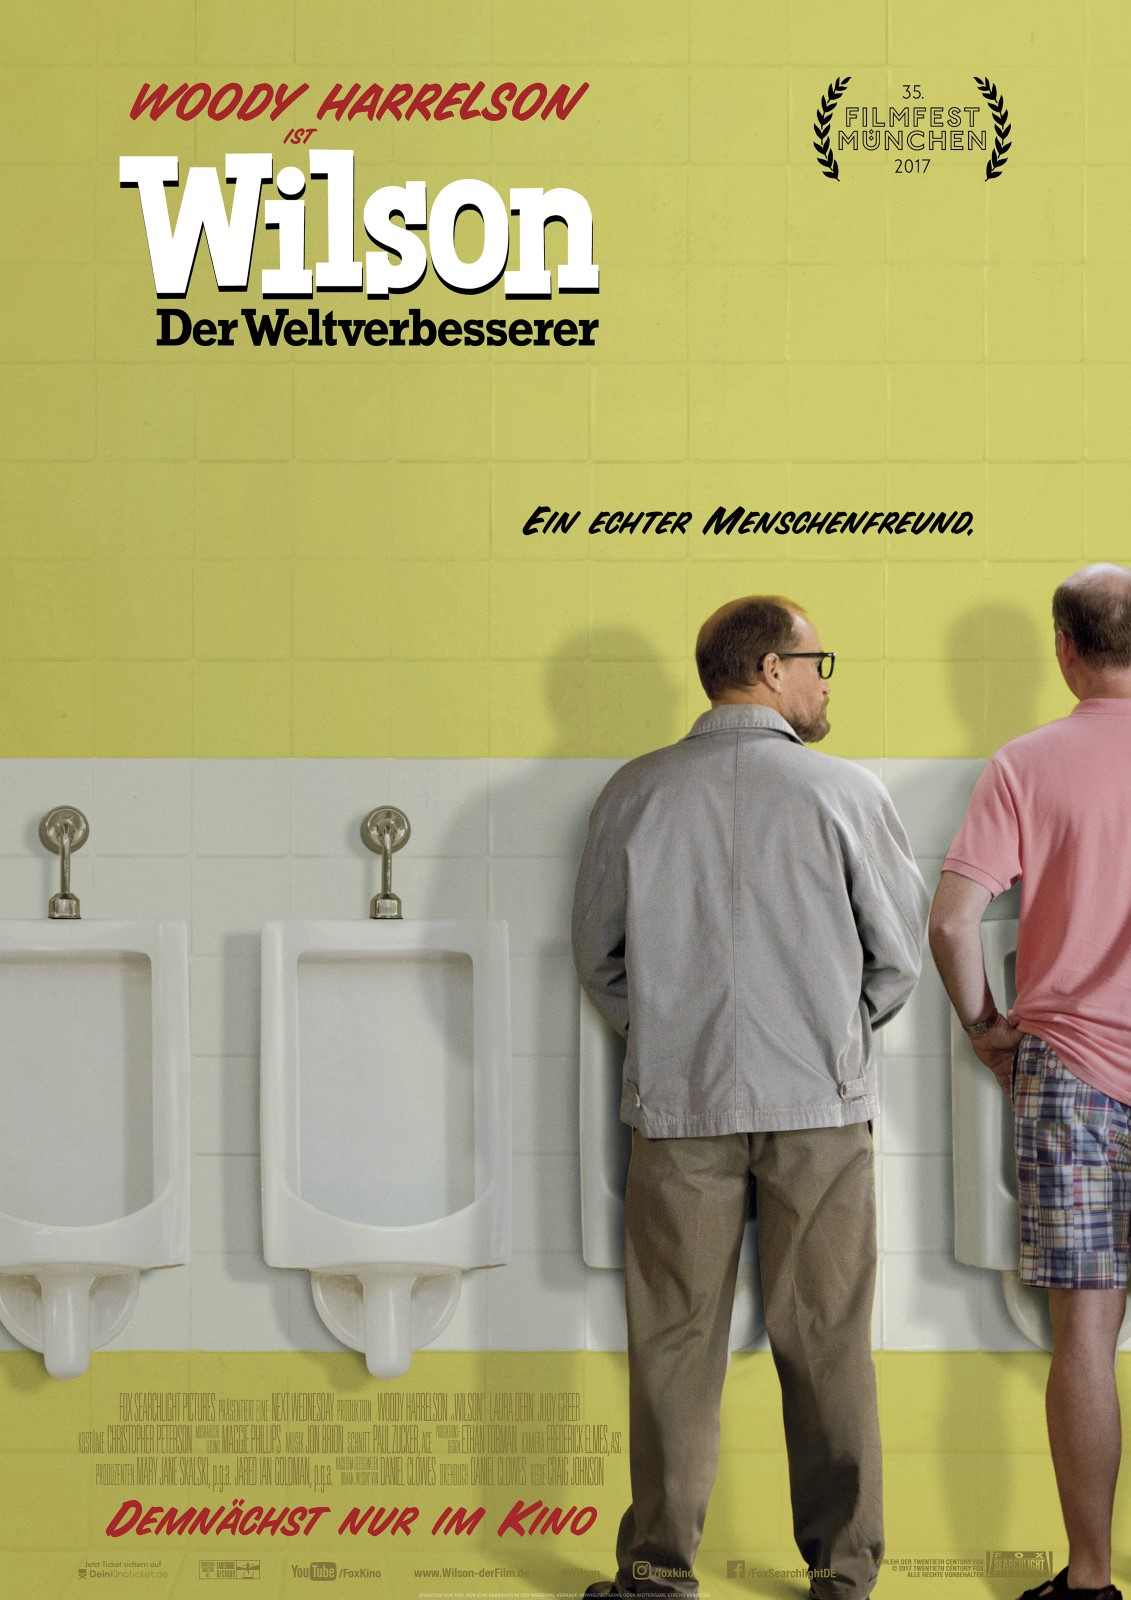 Wilson Der Weltverbesserer